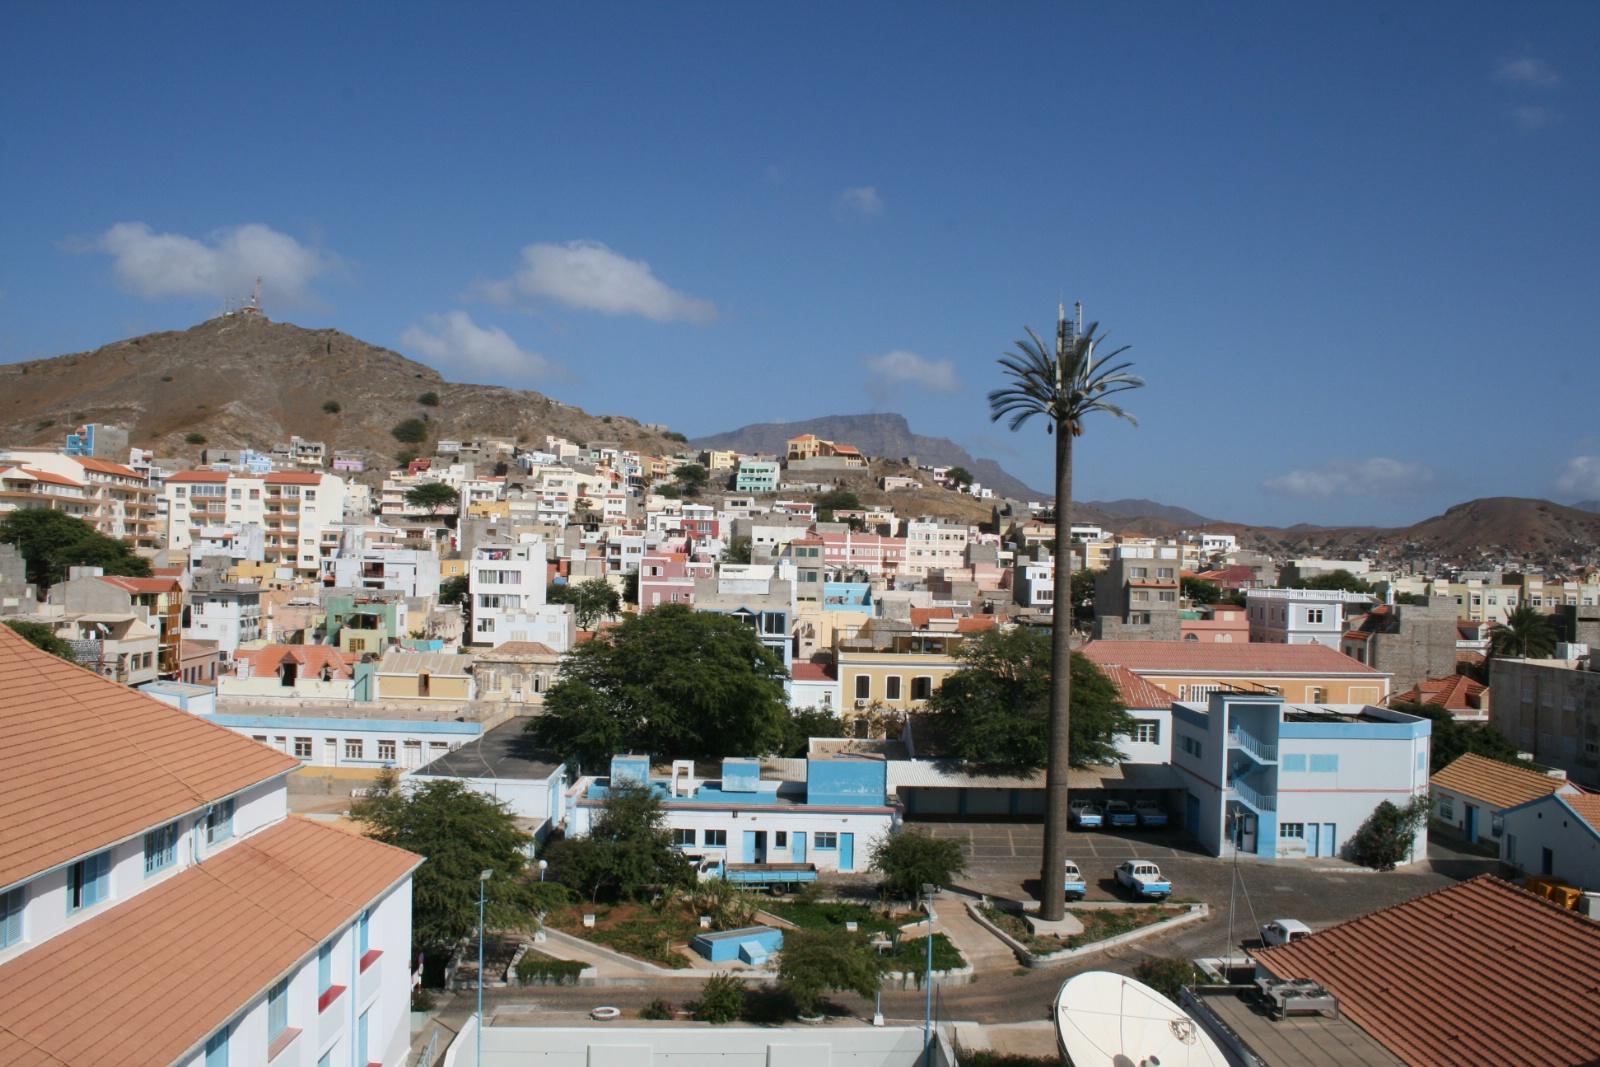 Den sjarmerende byen Mindelo Sao Vicente på Kapp Verde